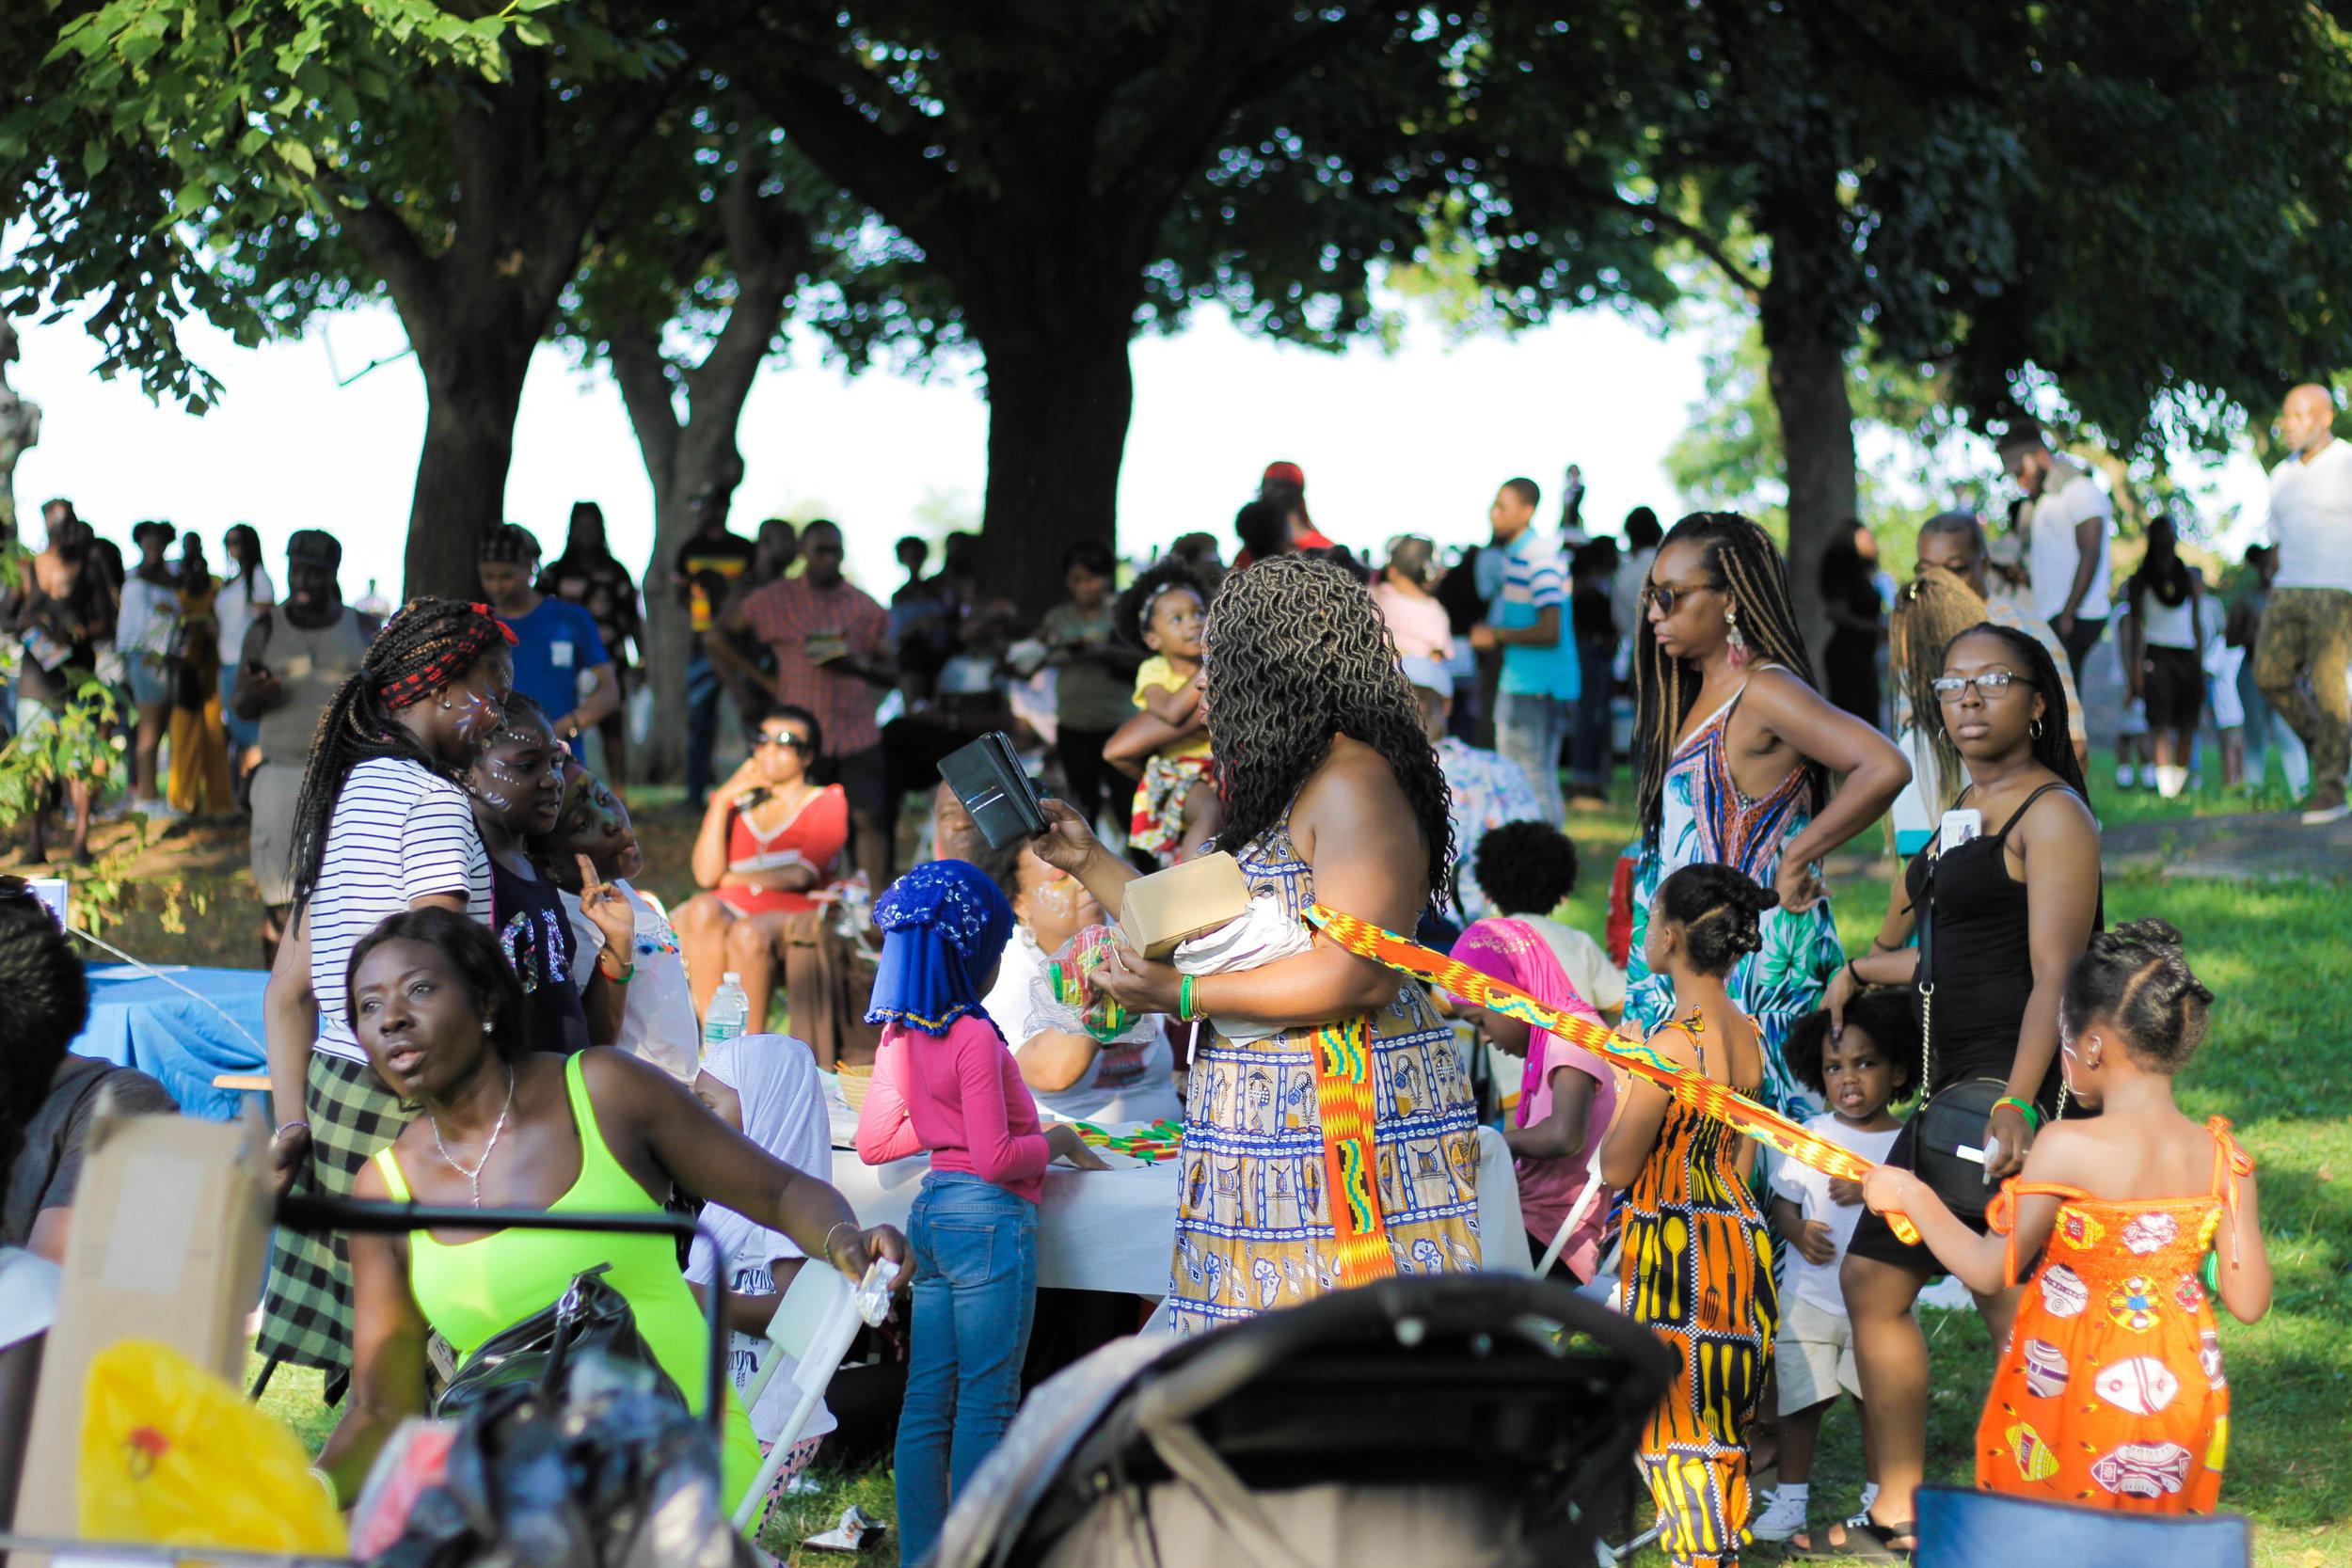 Photos from GhanaFest-NY 2019 Celebration . Crotona Park, Bronx NY..    photo credit: $kylymyt